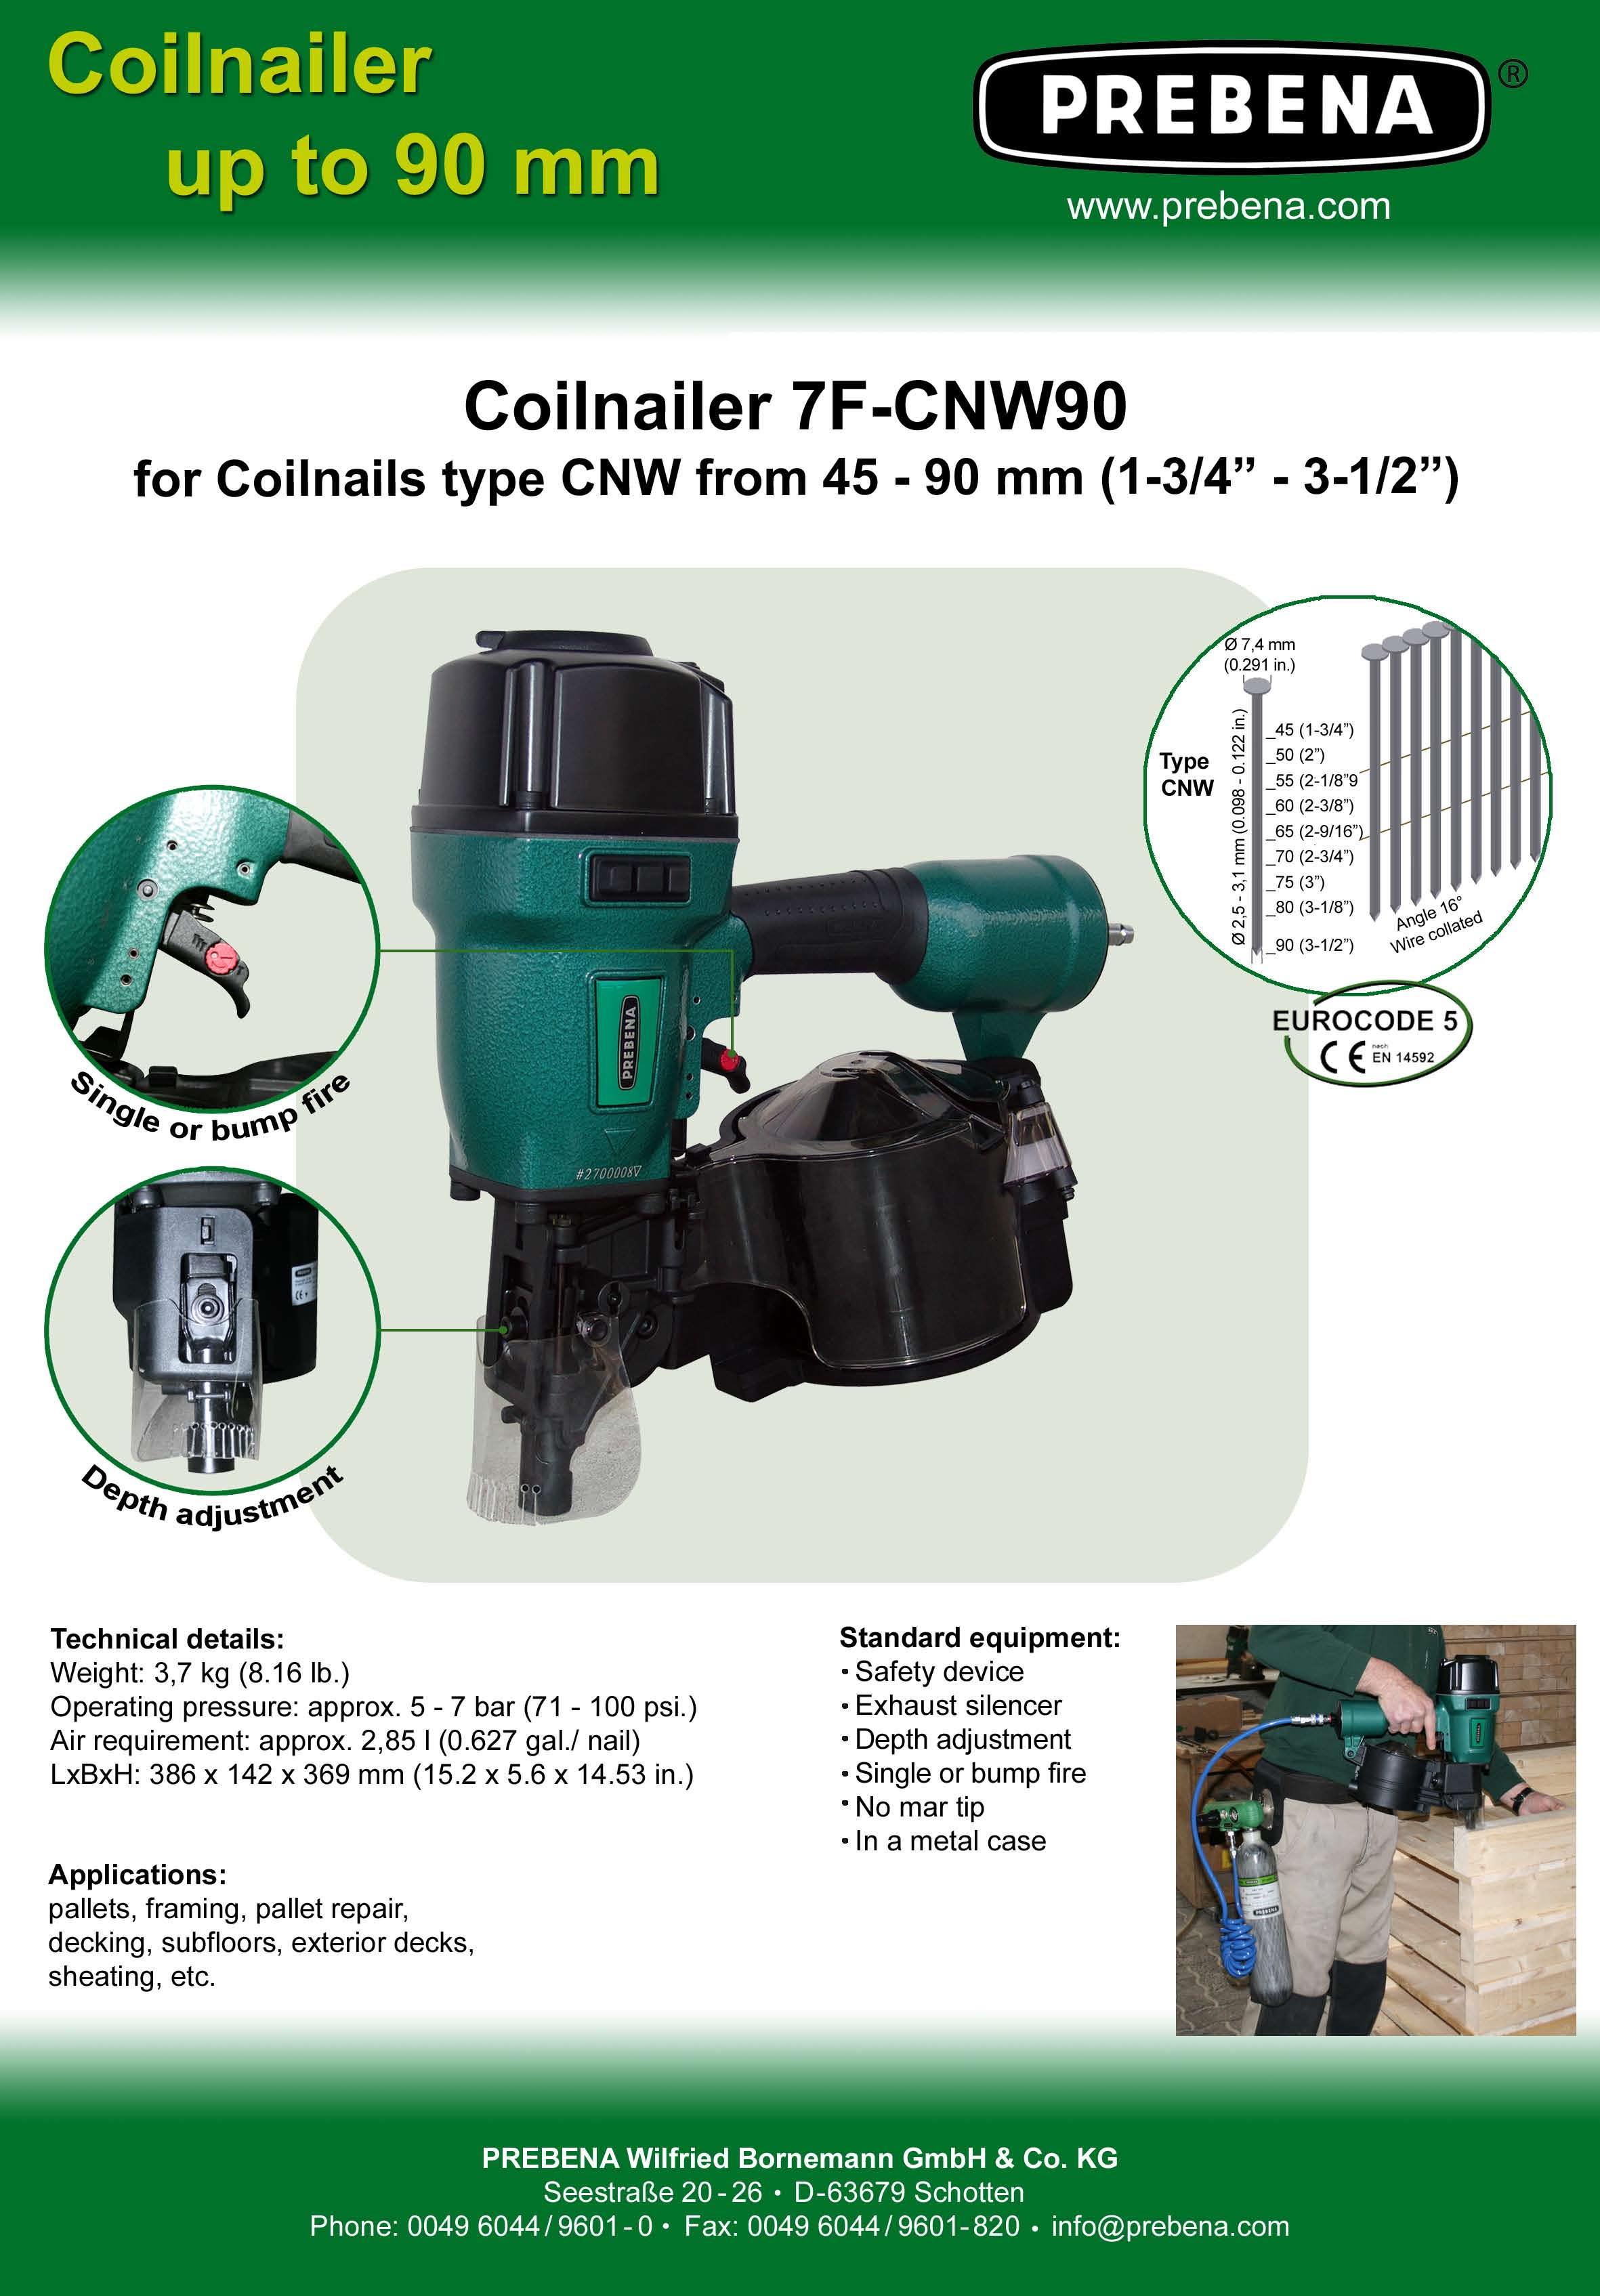 7F-CNW90 цвяхозабивний пневмопістолет